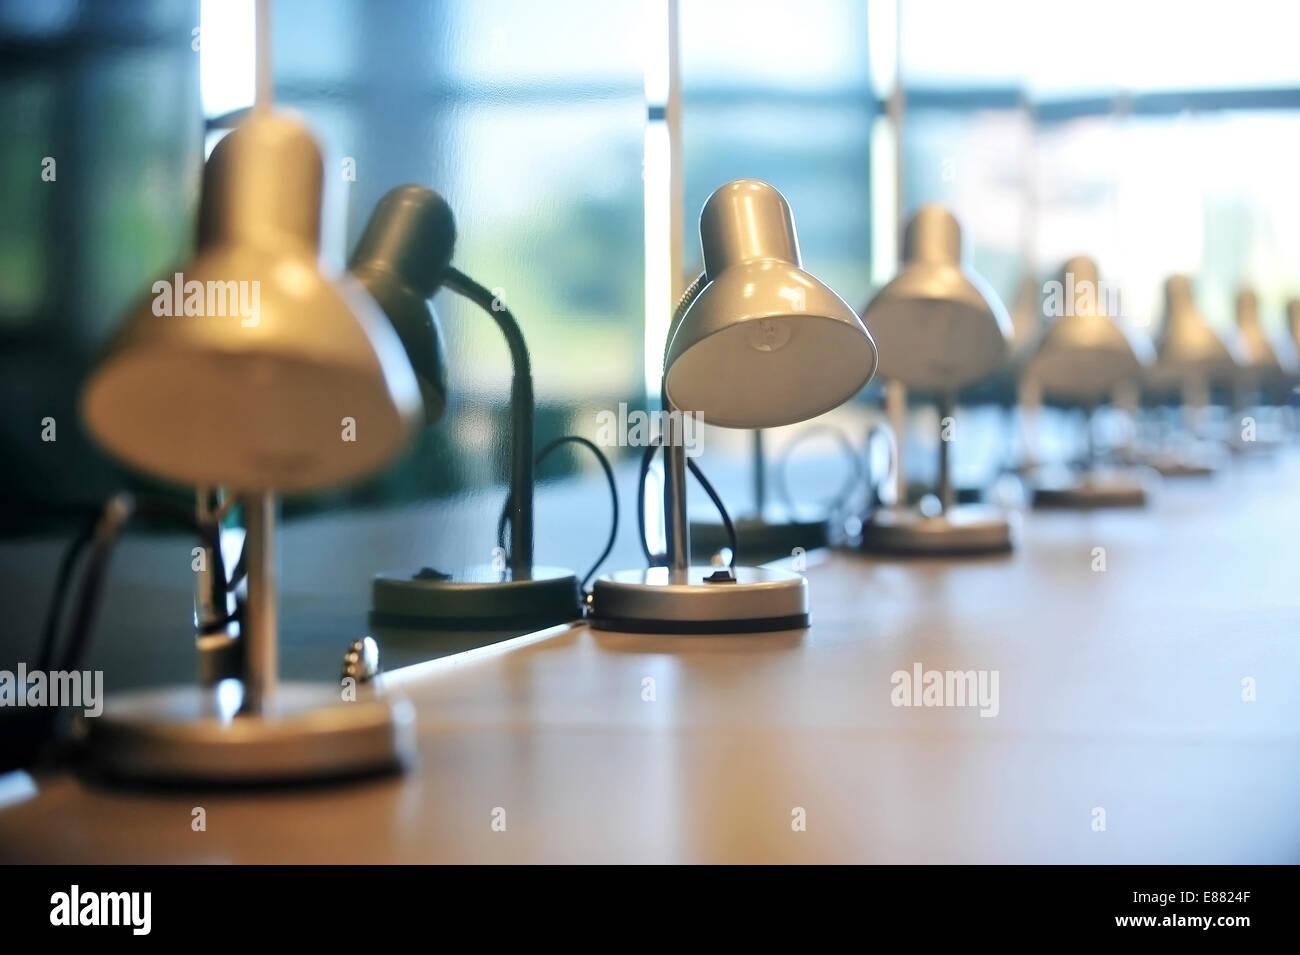 Diversi biblioteca lampade in fila su una scrivania Immagini Stock